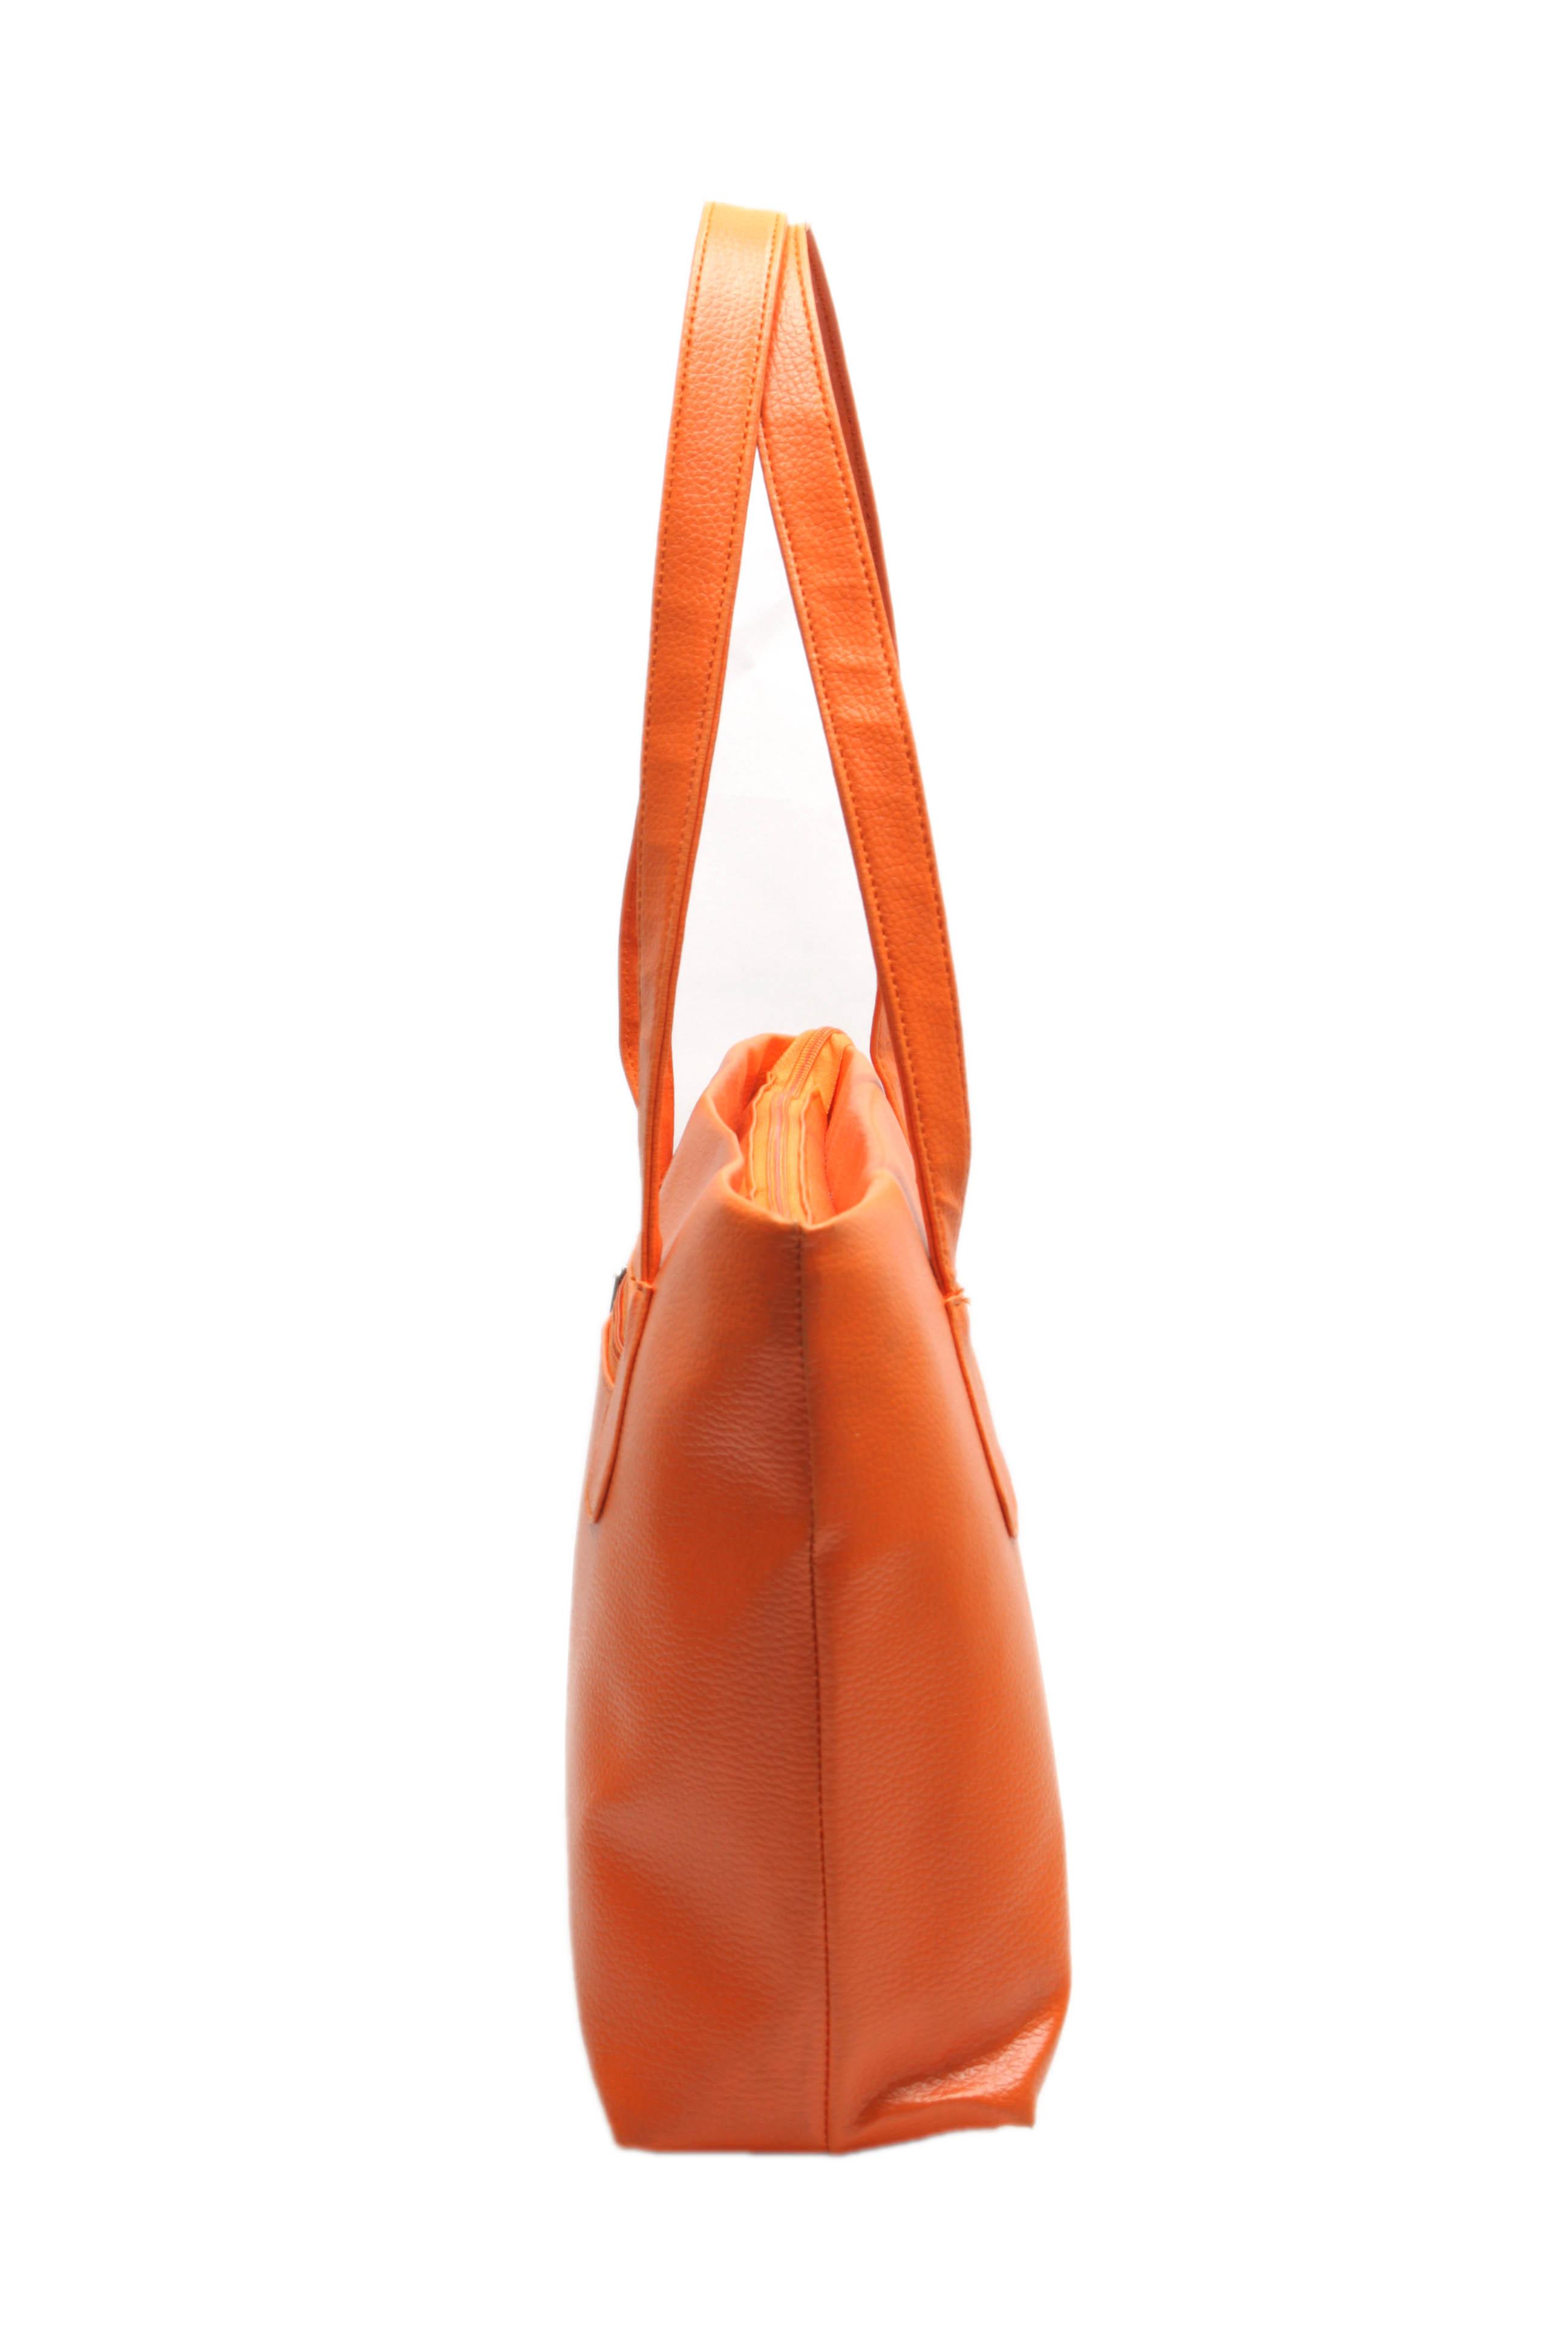 Fidato Women's Orange Handbag